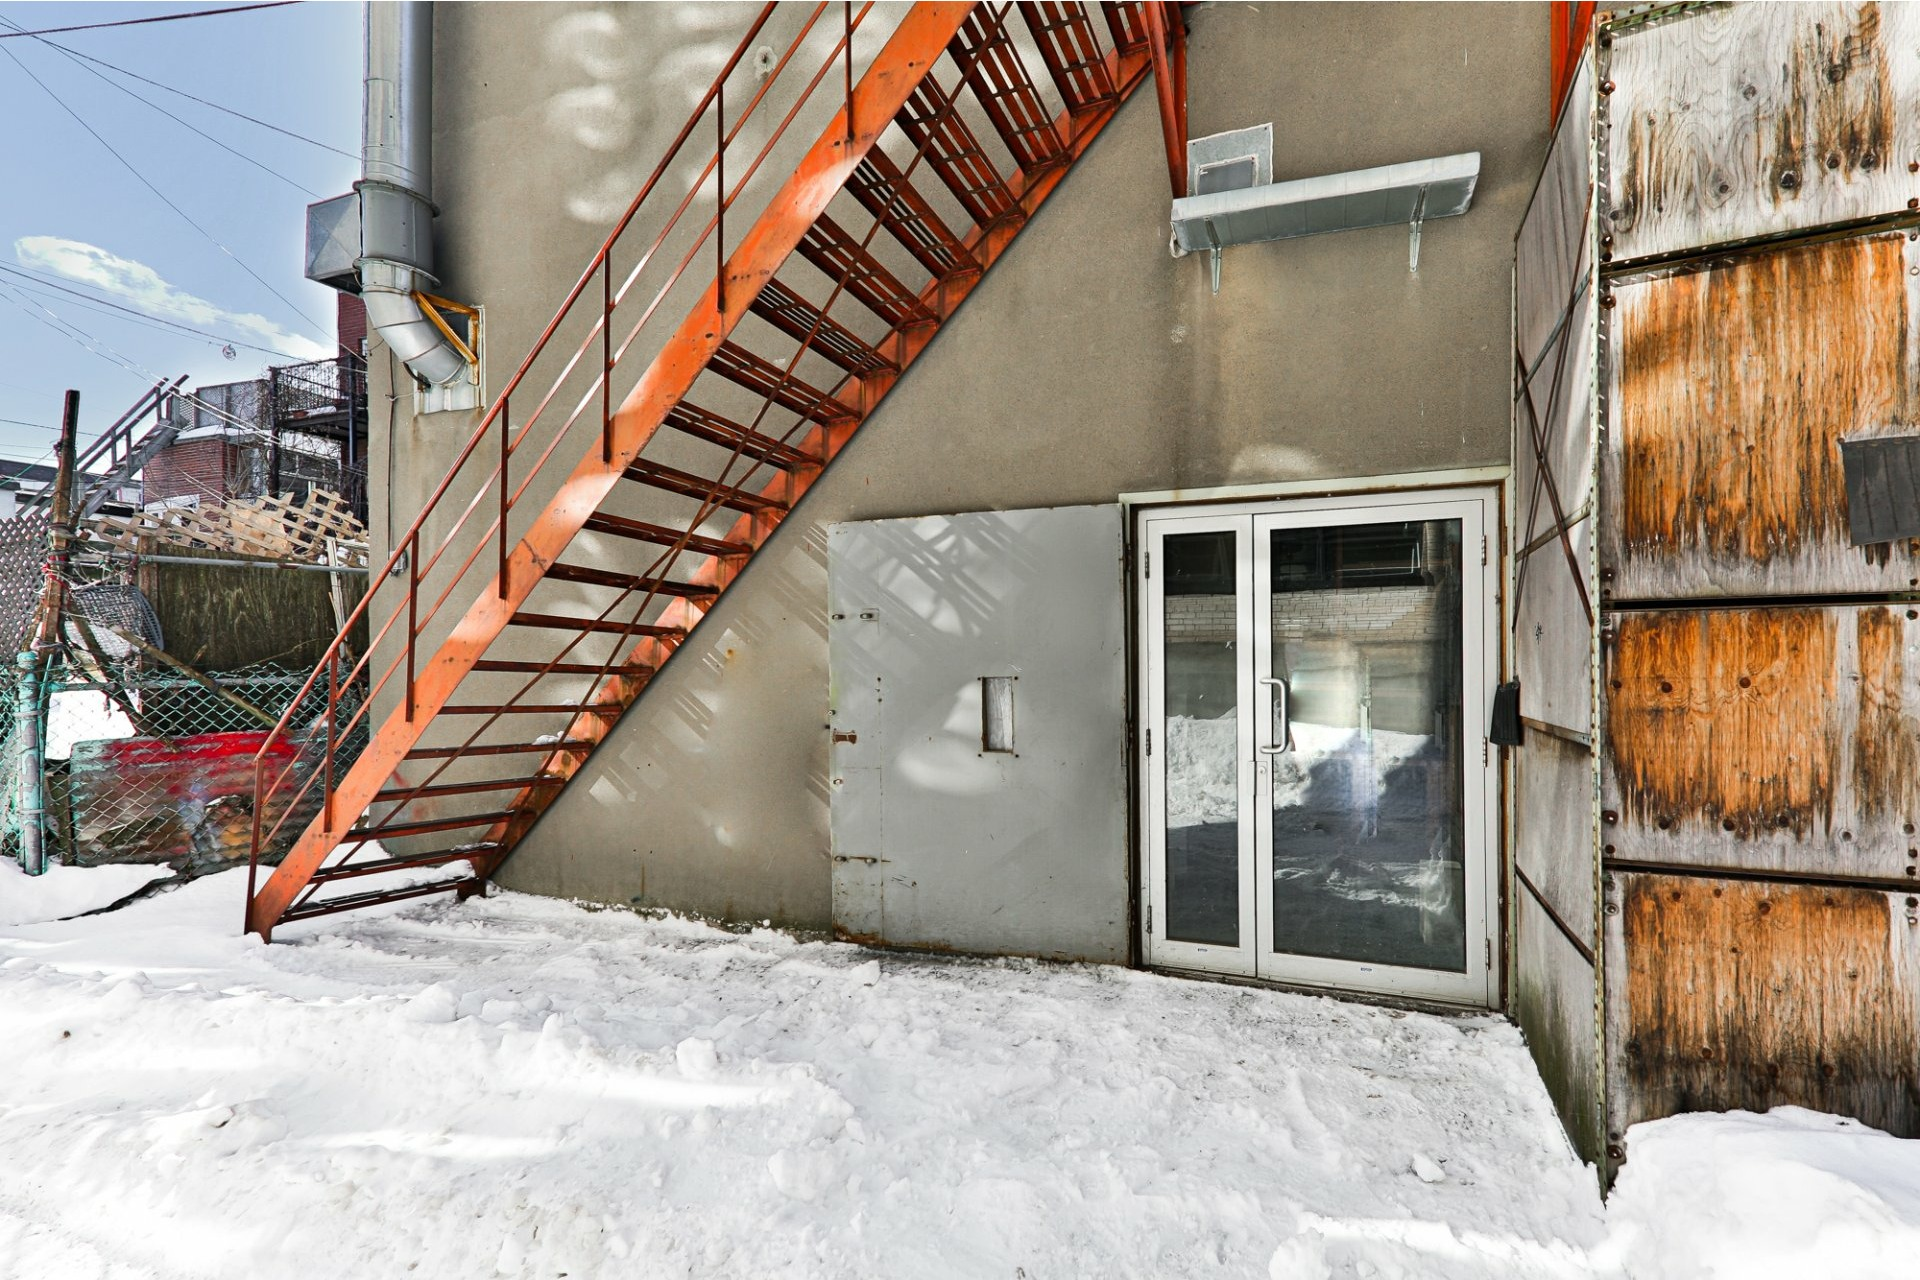 image 13 - Duplex À vendre Rosemont/La Petite-Patrie Montréal